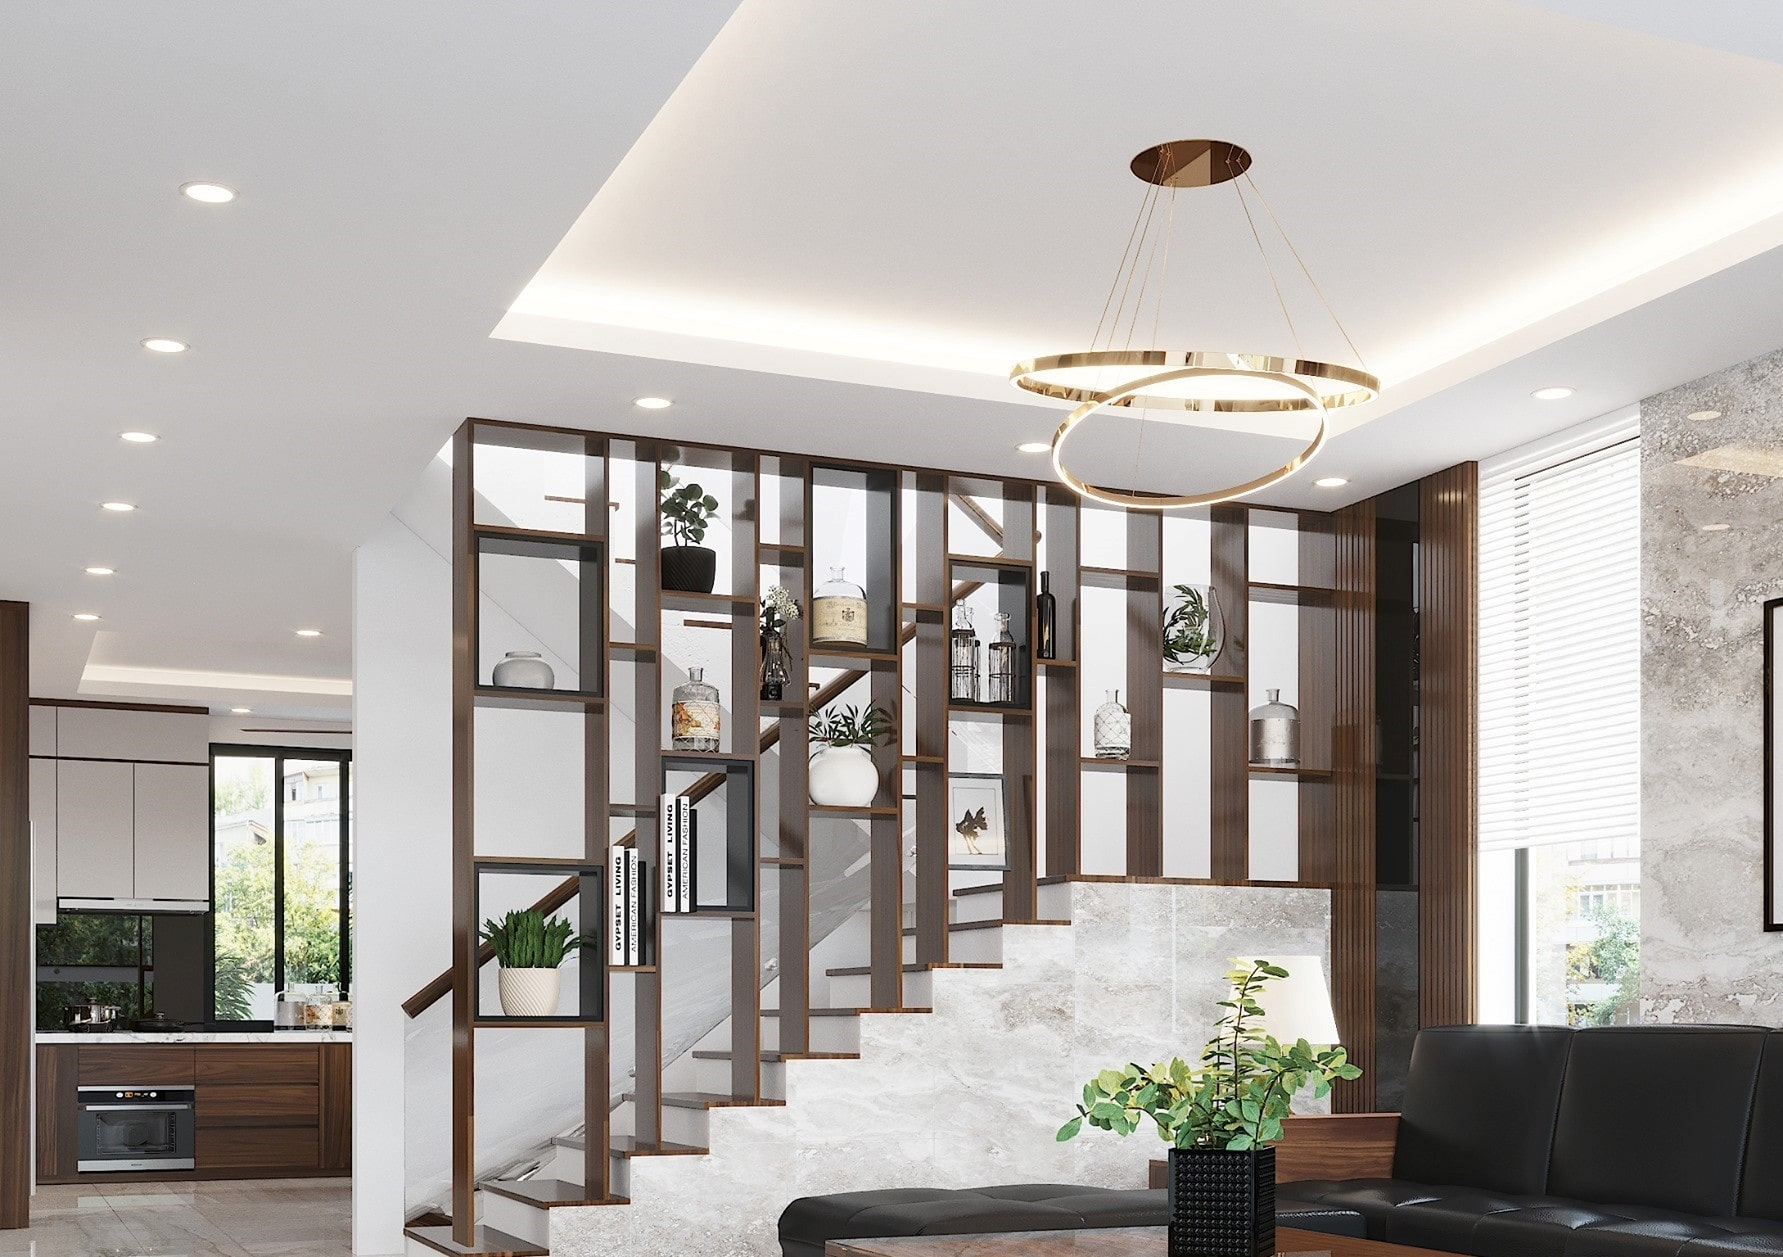 mẫu thiết kế nhà theo không gian mở